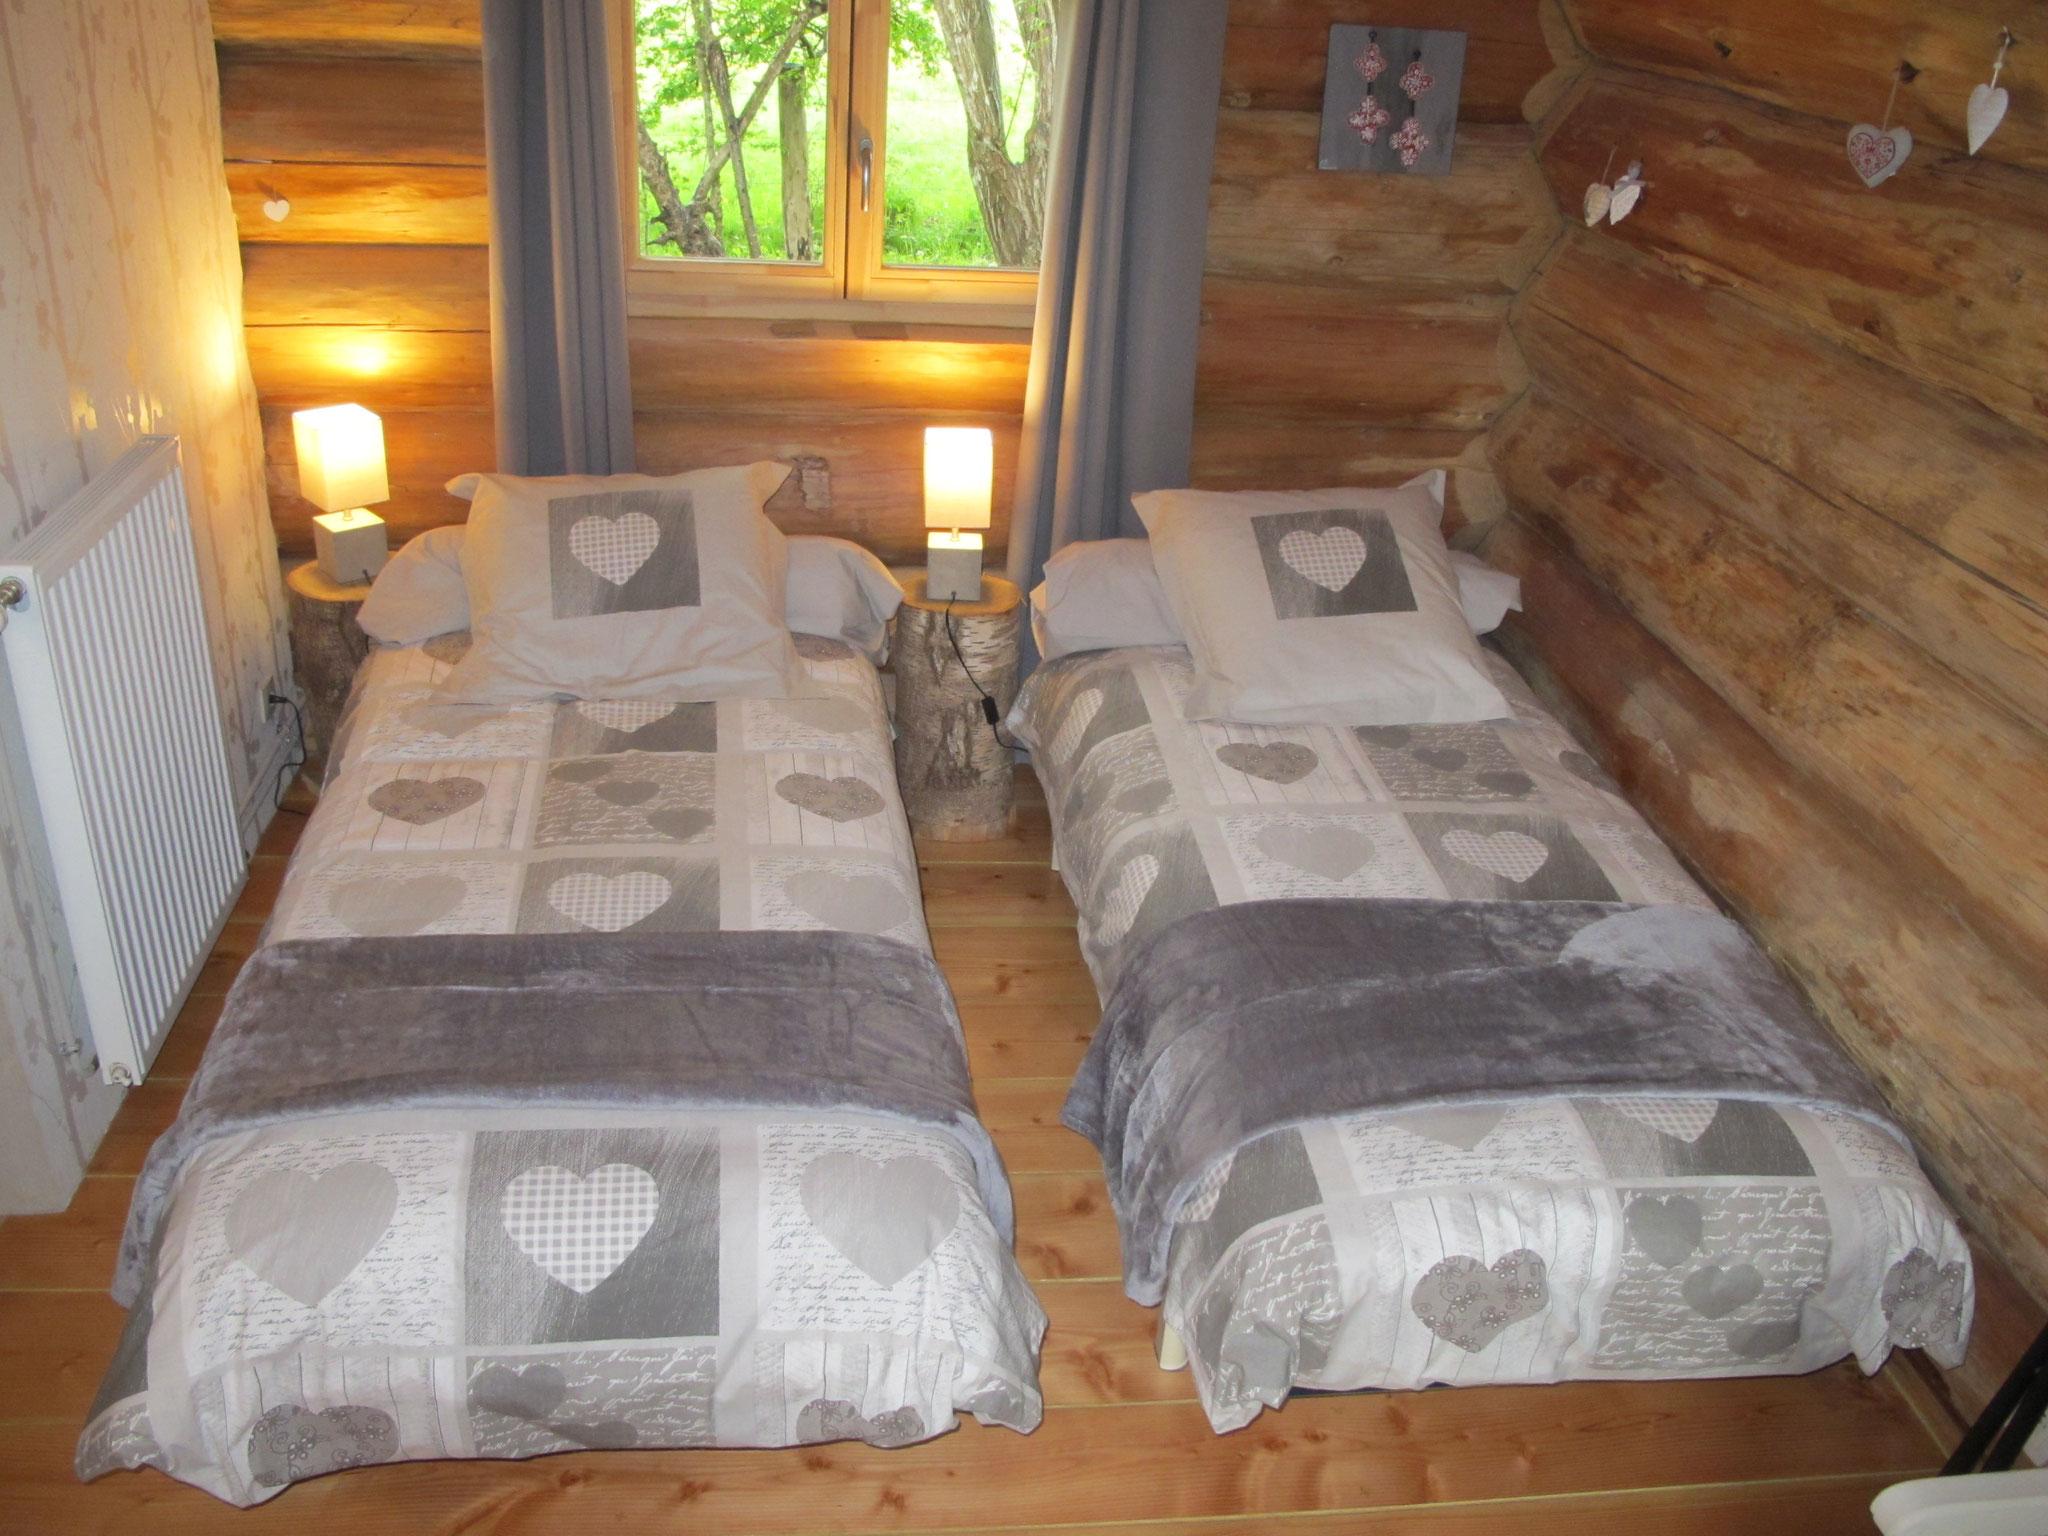 ou lits twin